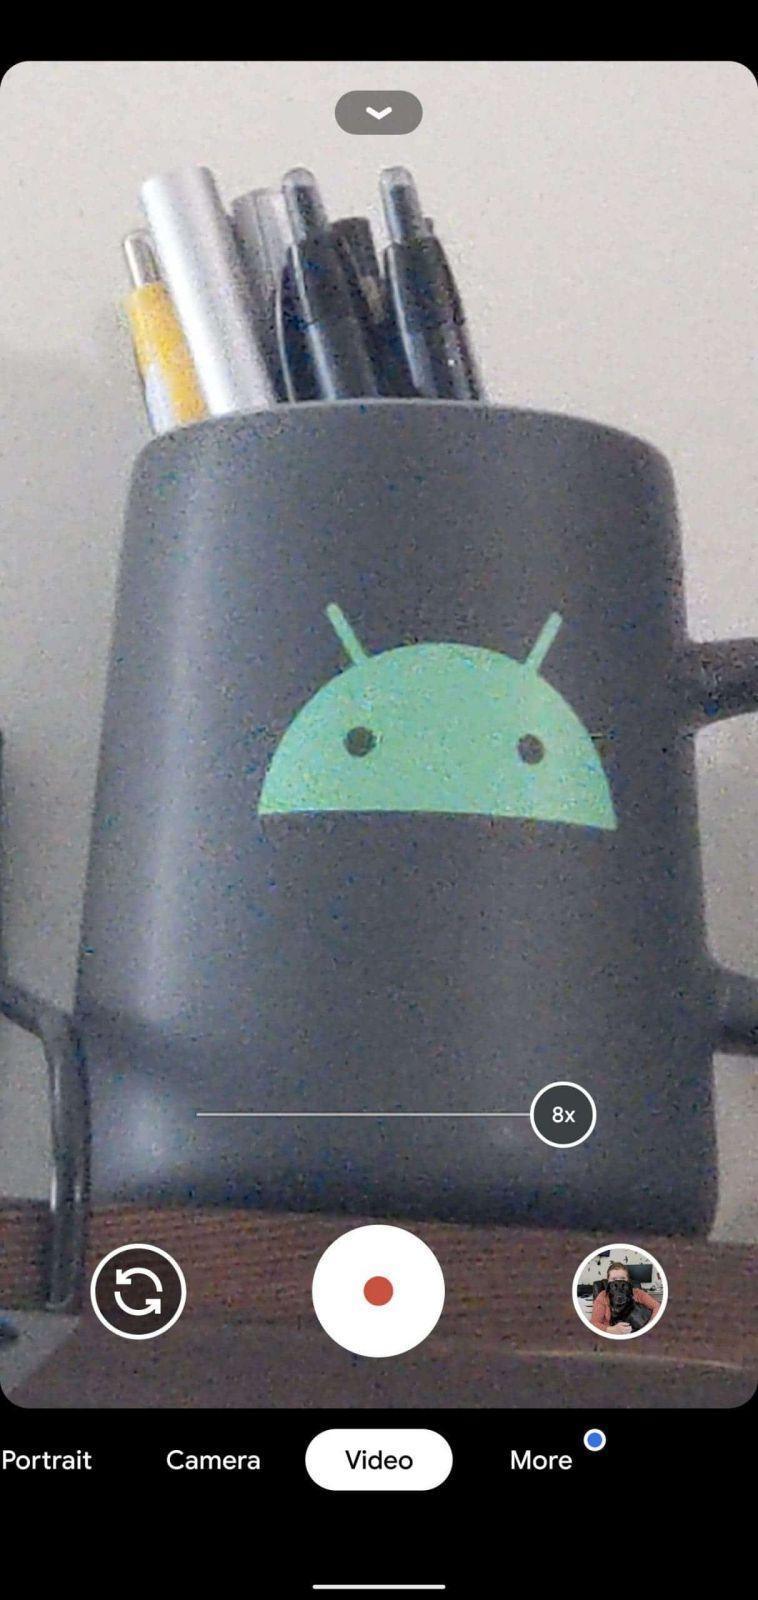 Флагманы Google Pixel теперь поддерживают восьмикратный зум (screenshot 20200604 133000 scaled 2)